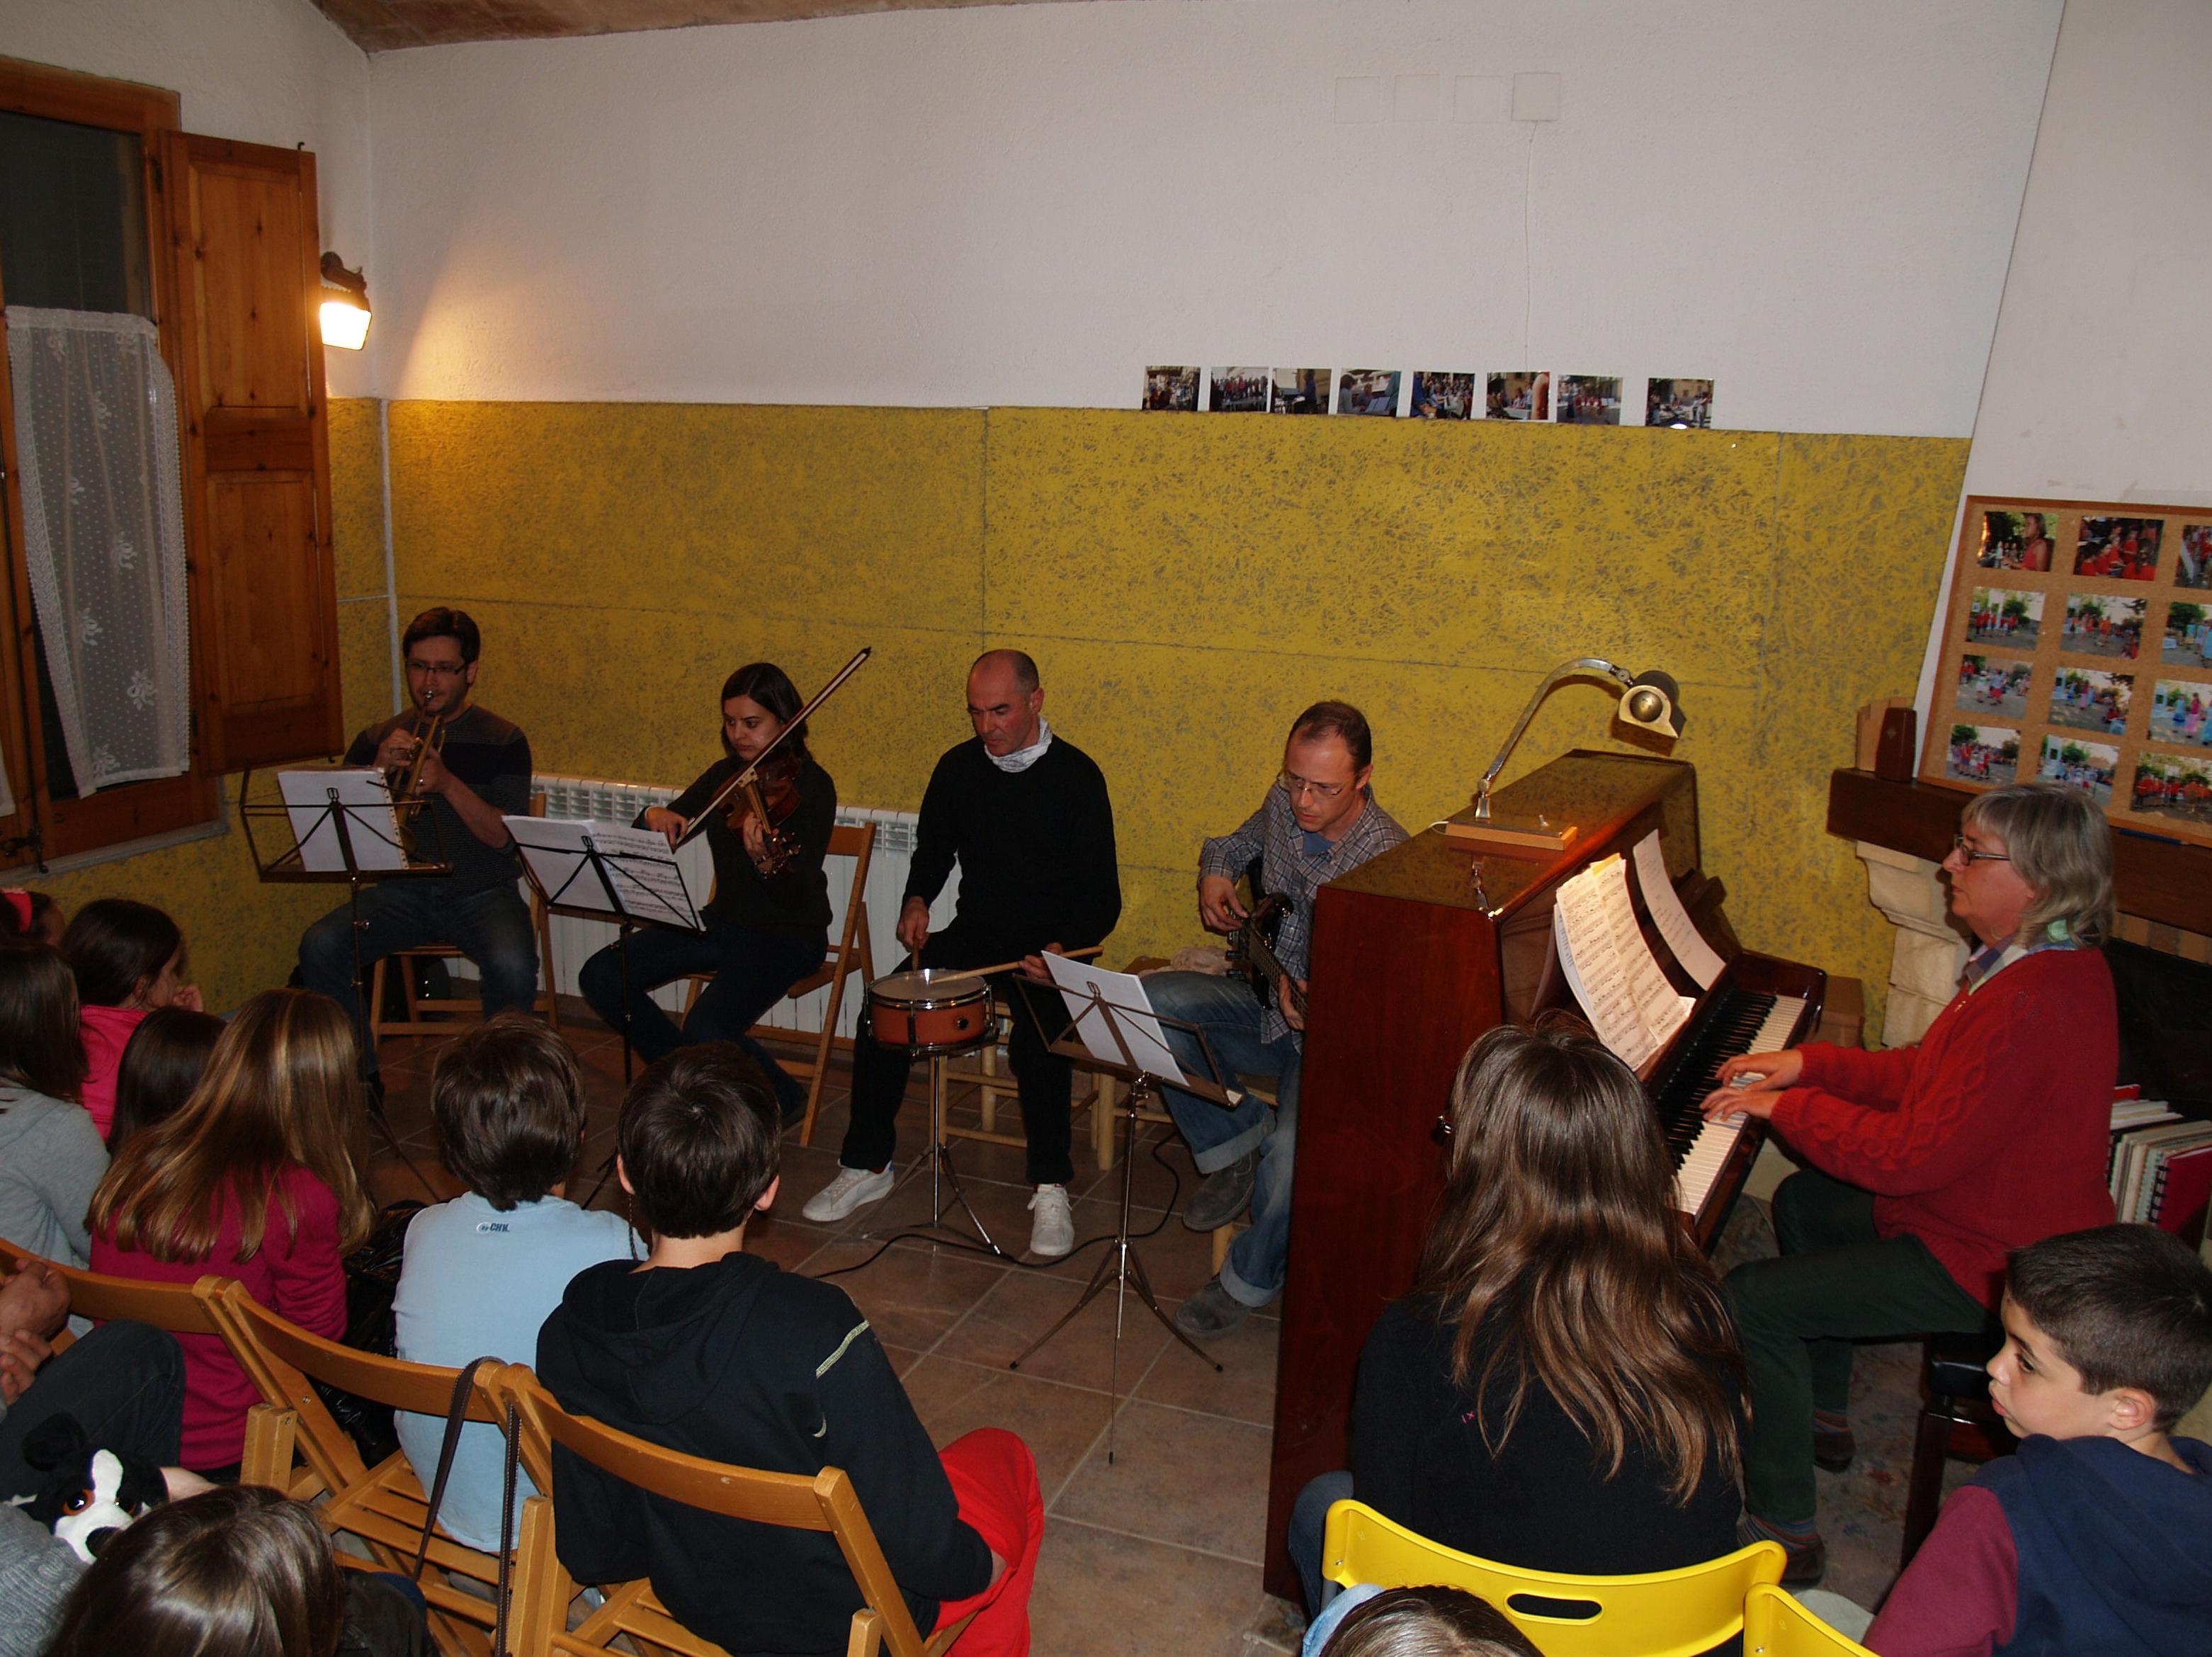 cicle \u0022Música en el temps\u0022 música contemporànea s. XX. Bolero de Ravel